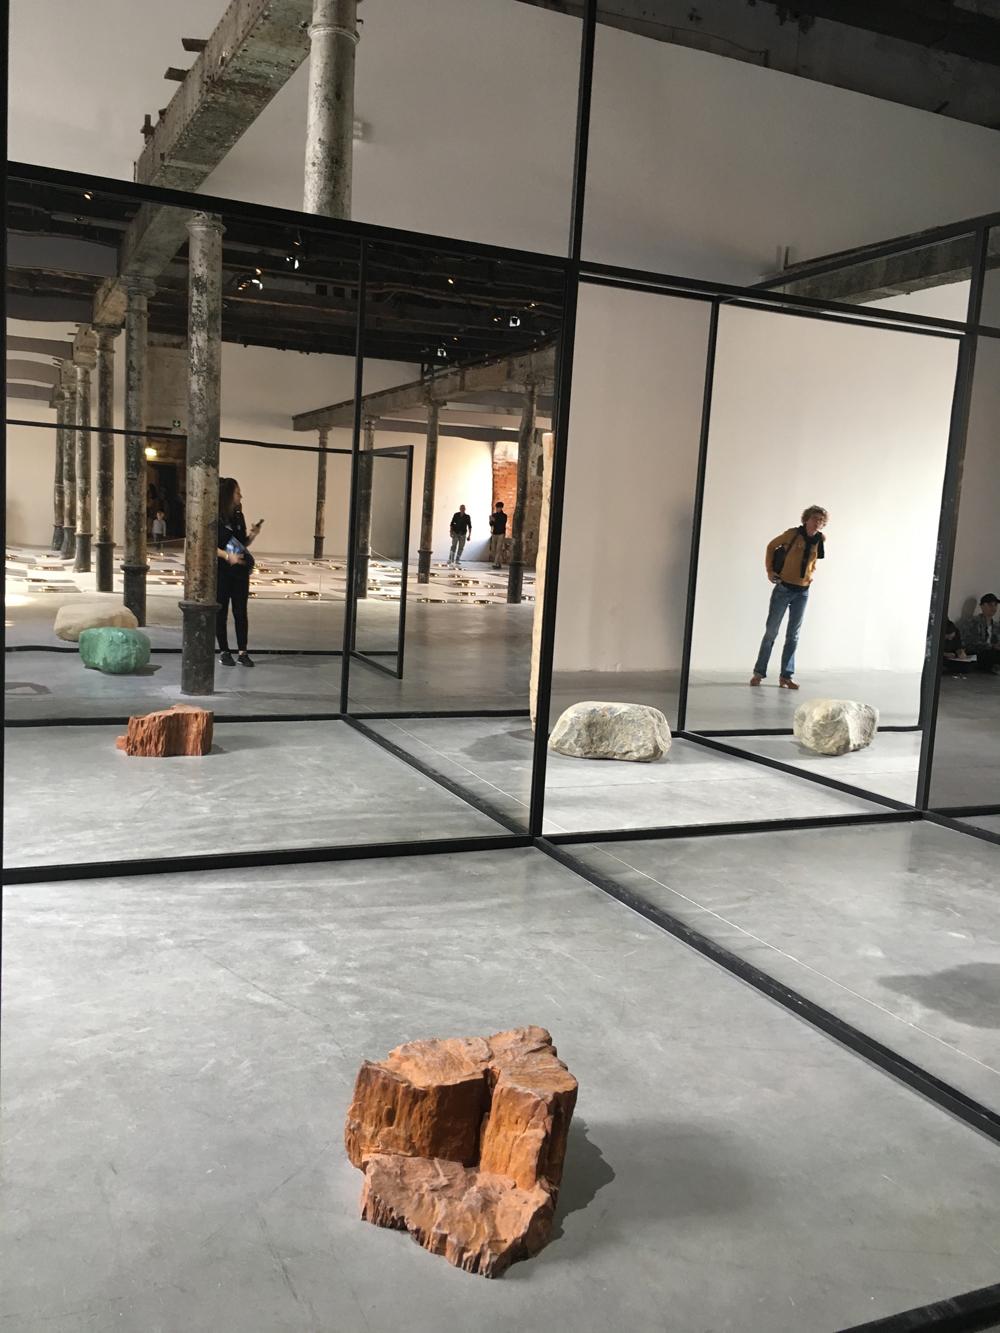 171012 Biennale 84 Alicja Kwade WeltenLinie for web